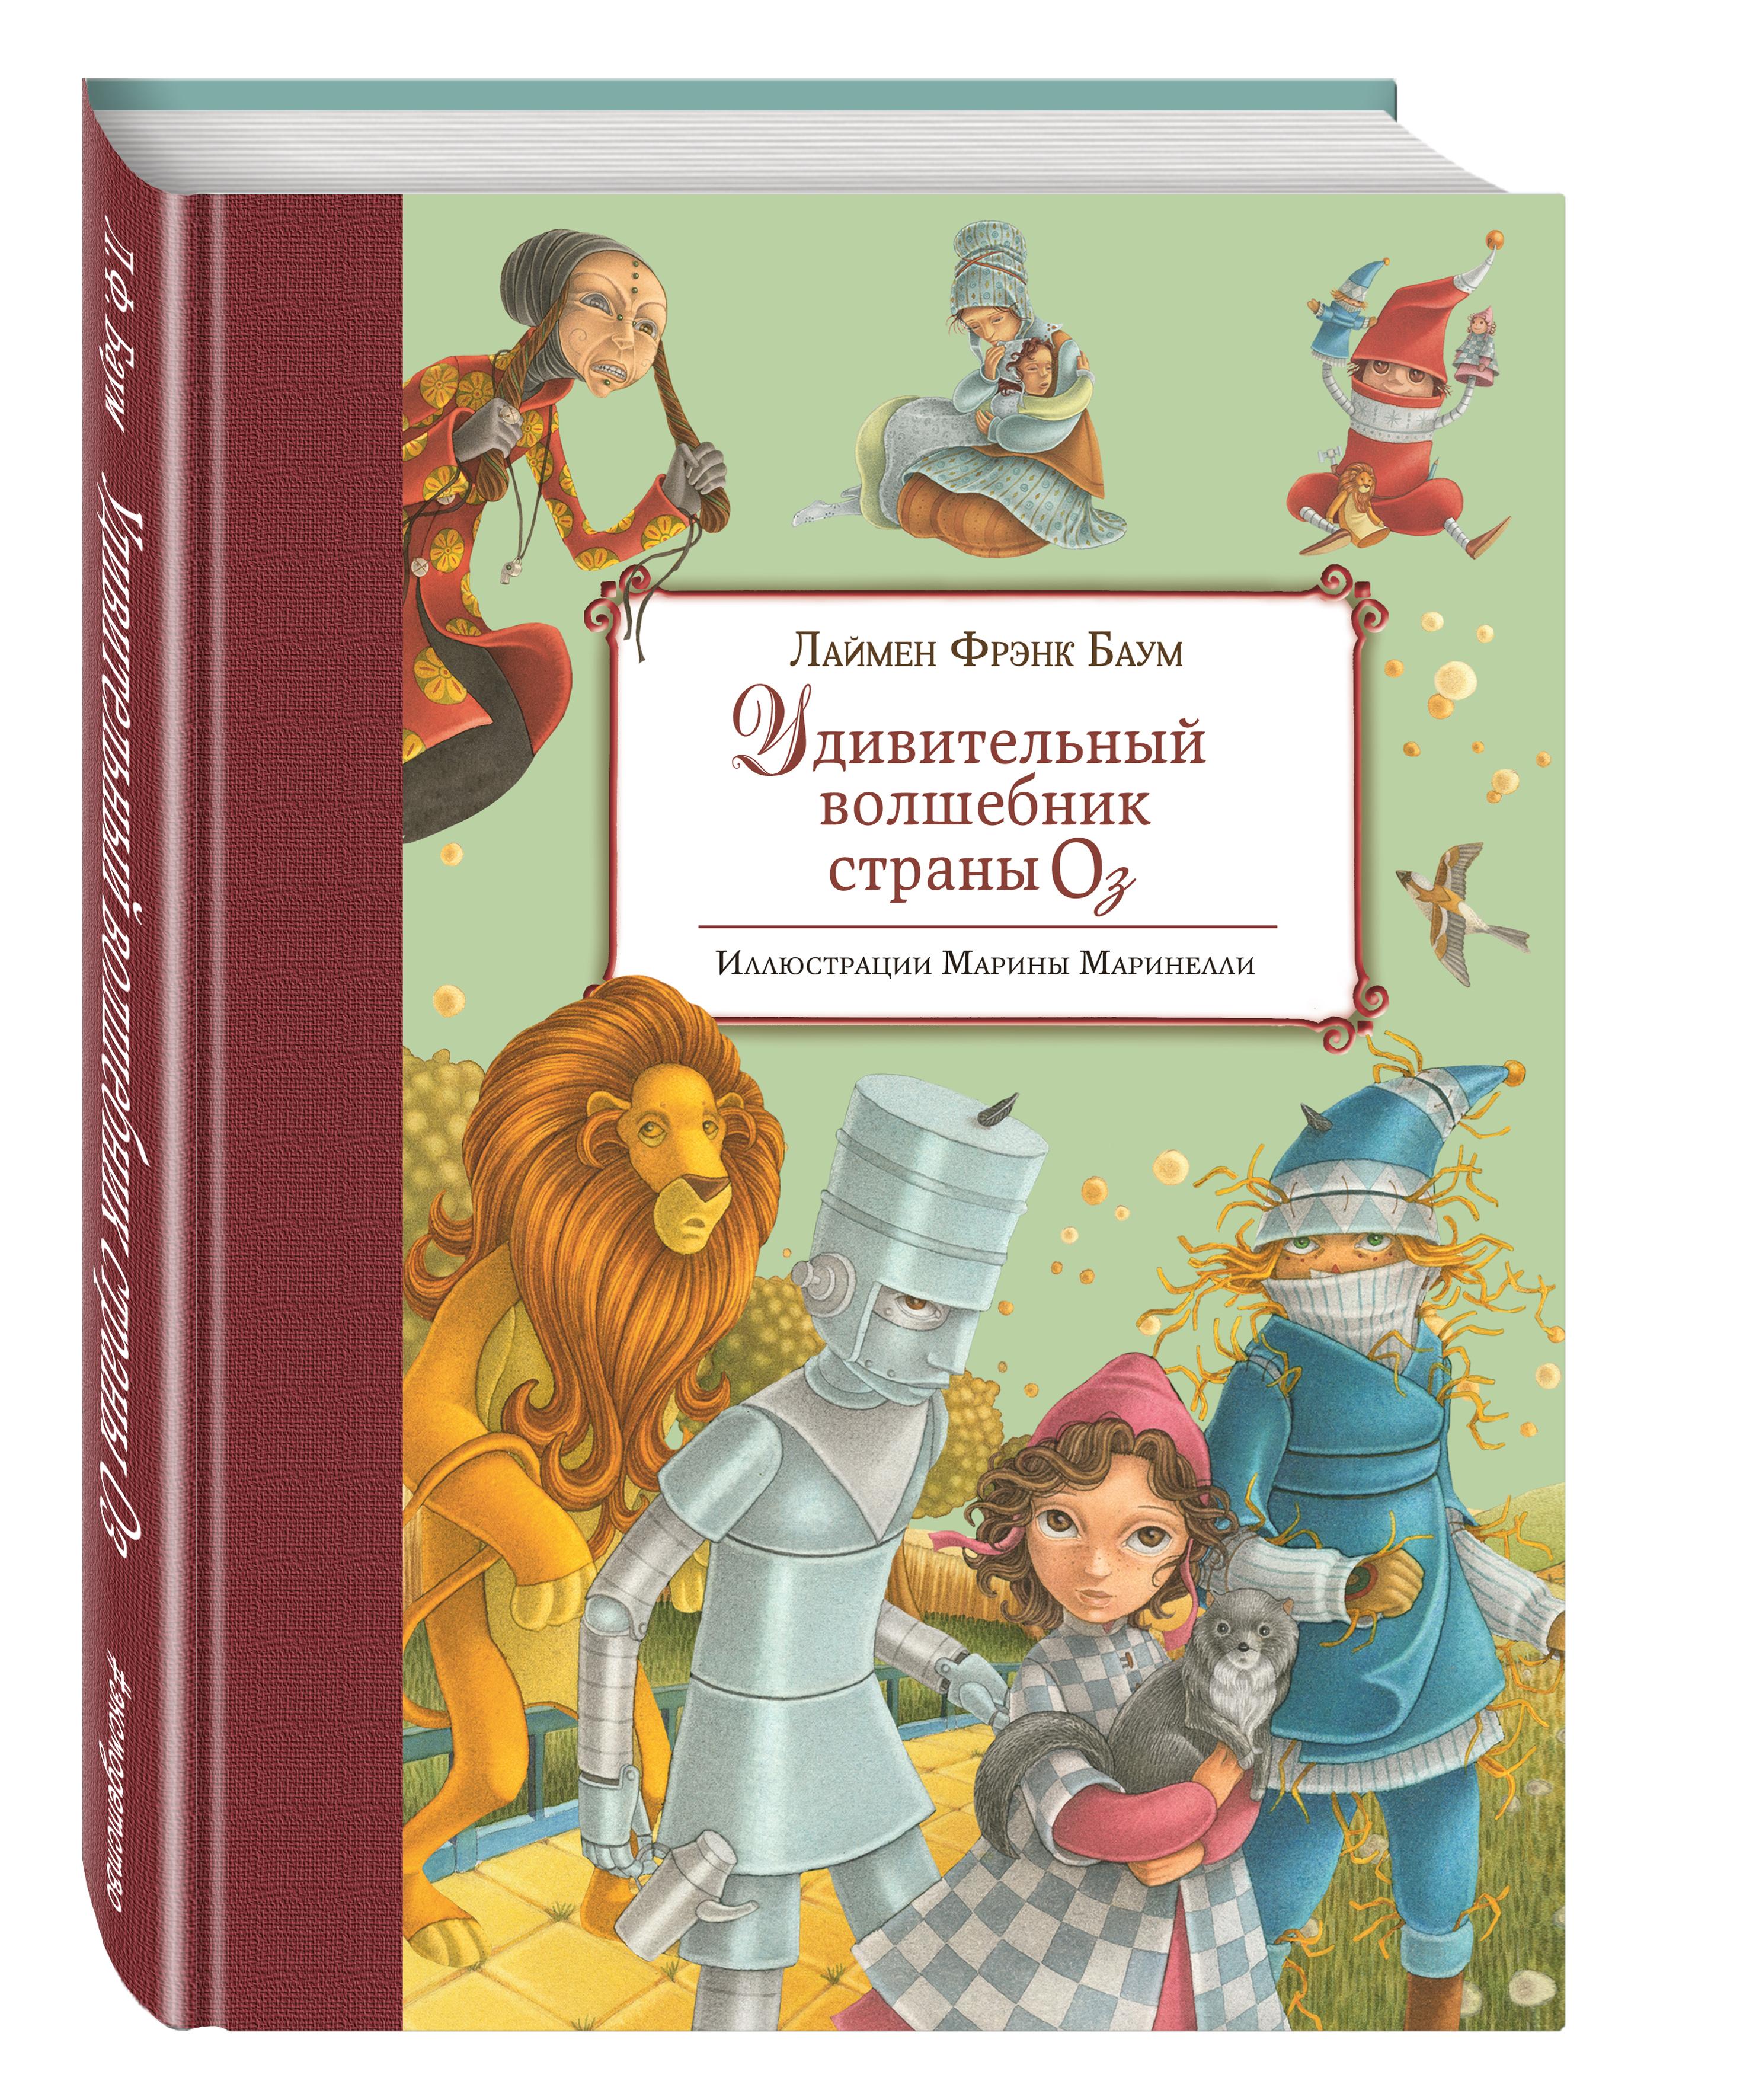 Лаймен Фрэнк Баум Удивительный волшебник Страны Оз (ил. М. Маринелли) цена